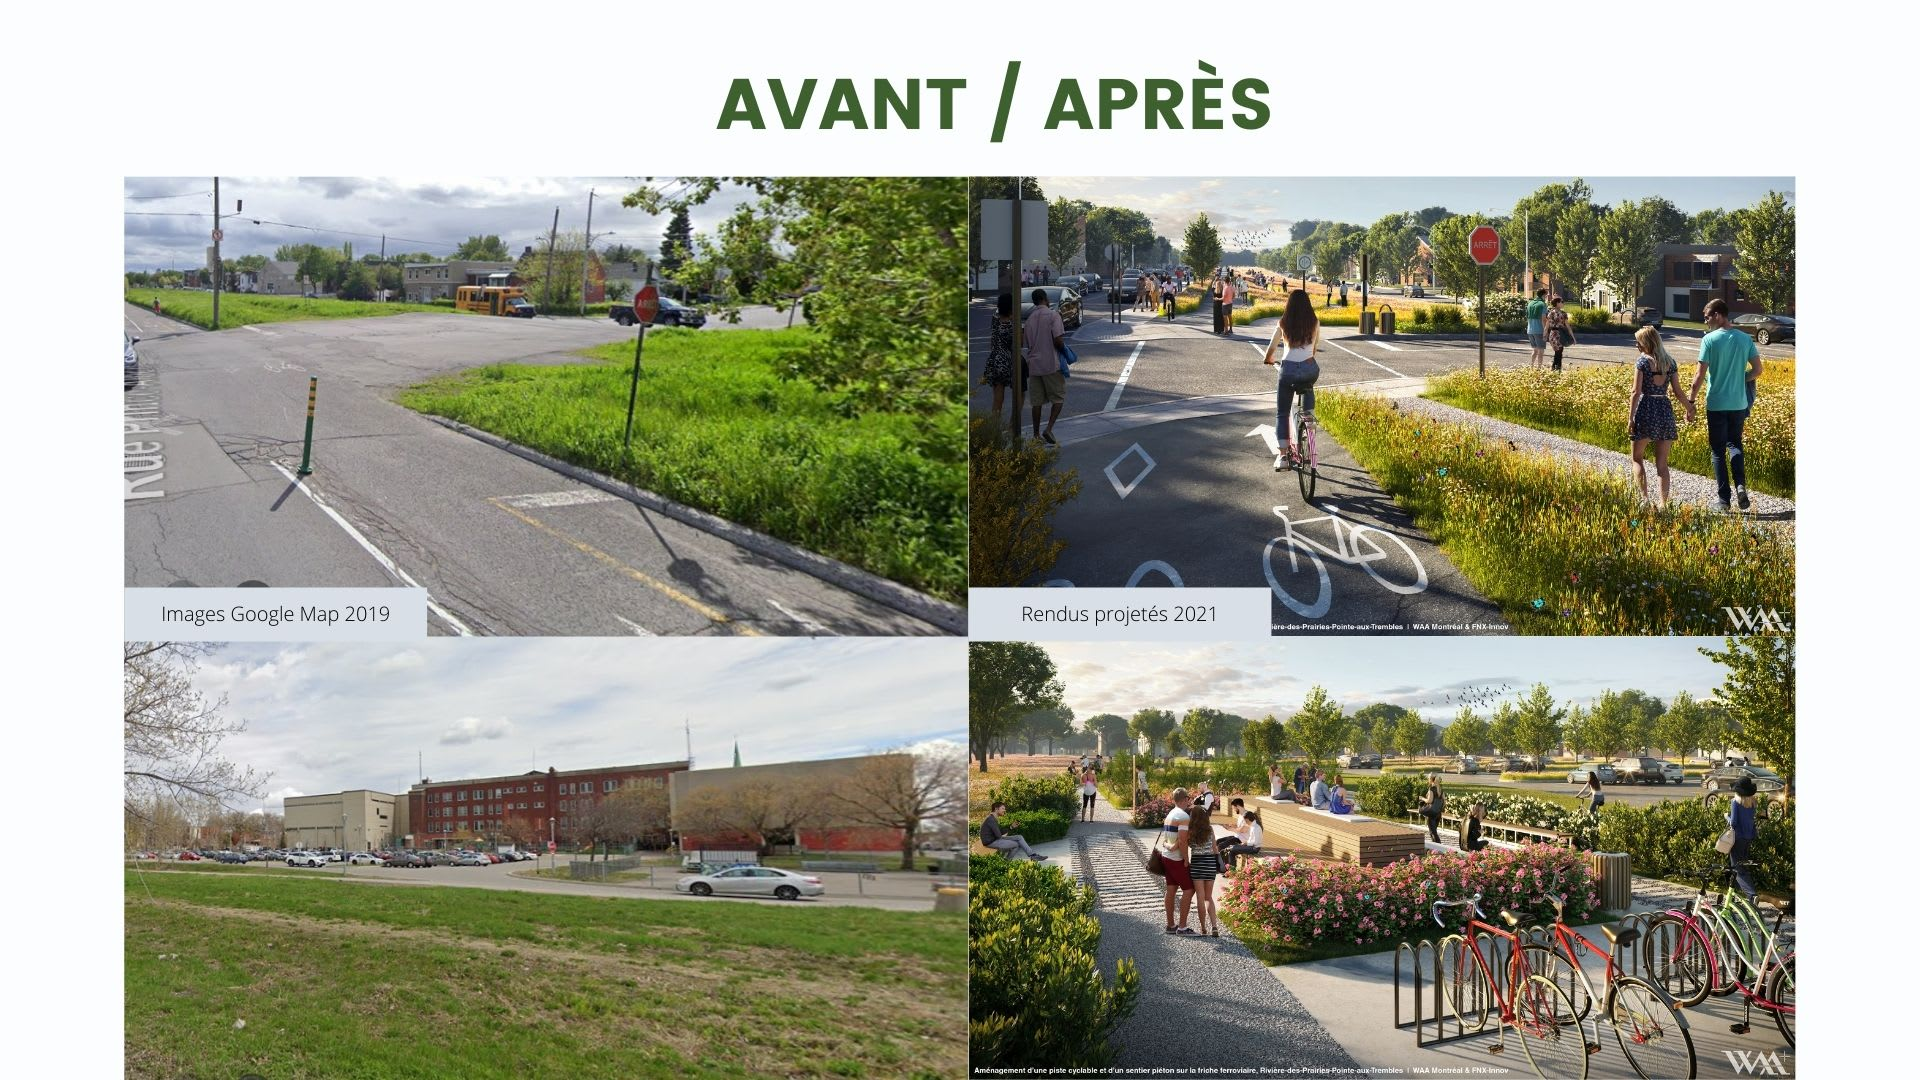 Un avant/après qui démontre bien comment le parc va transformer le paysage de Pointe-aux-Trembles.